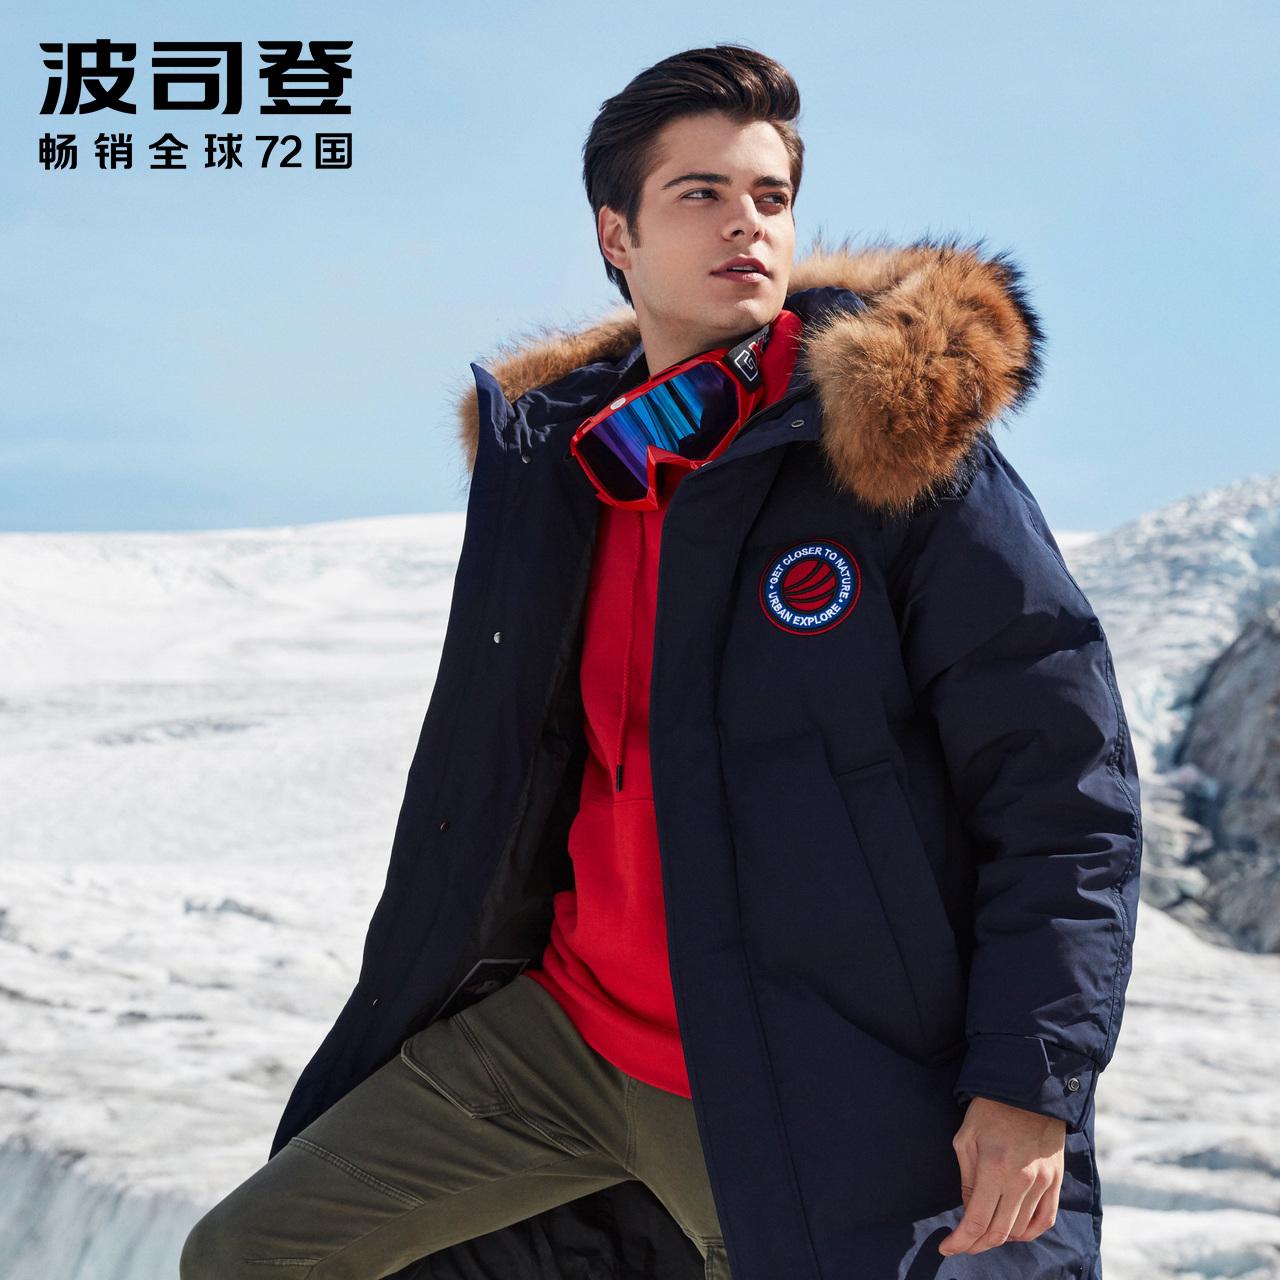 波司登男士中长款冬季羽绒服毛领连帽鹅绒加厚2018外套B80142149